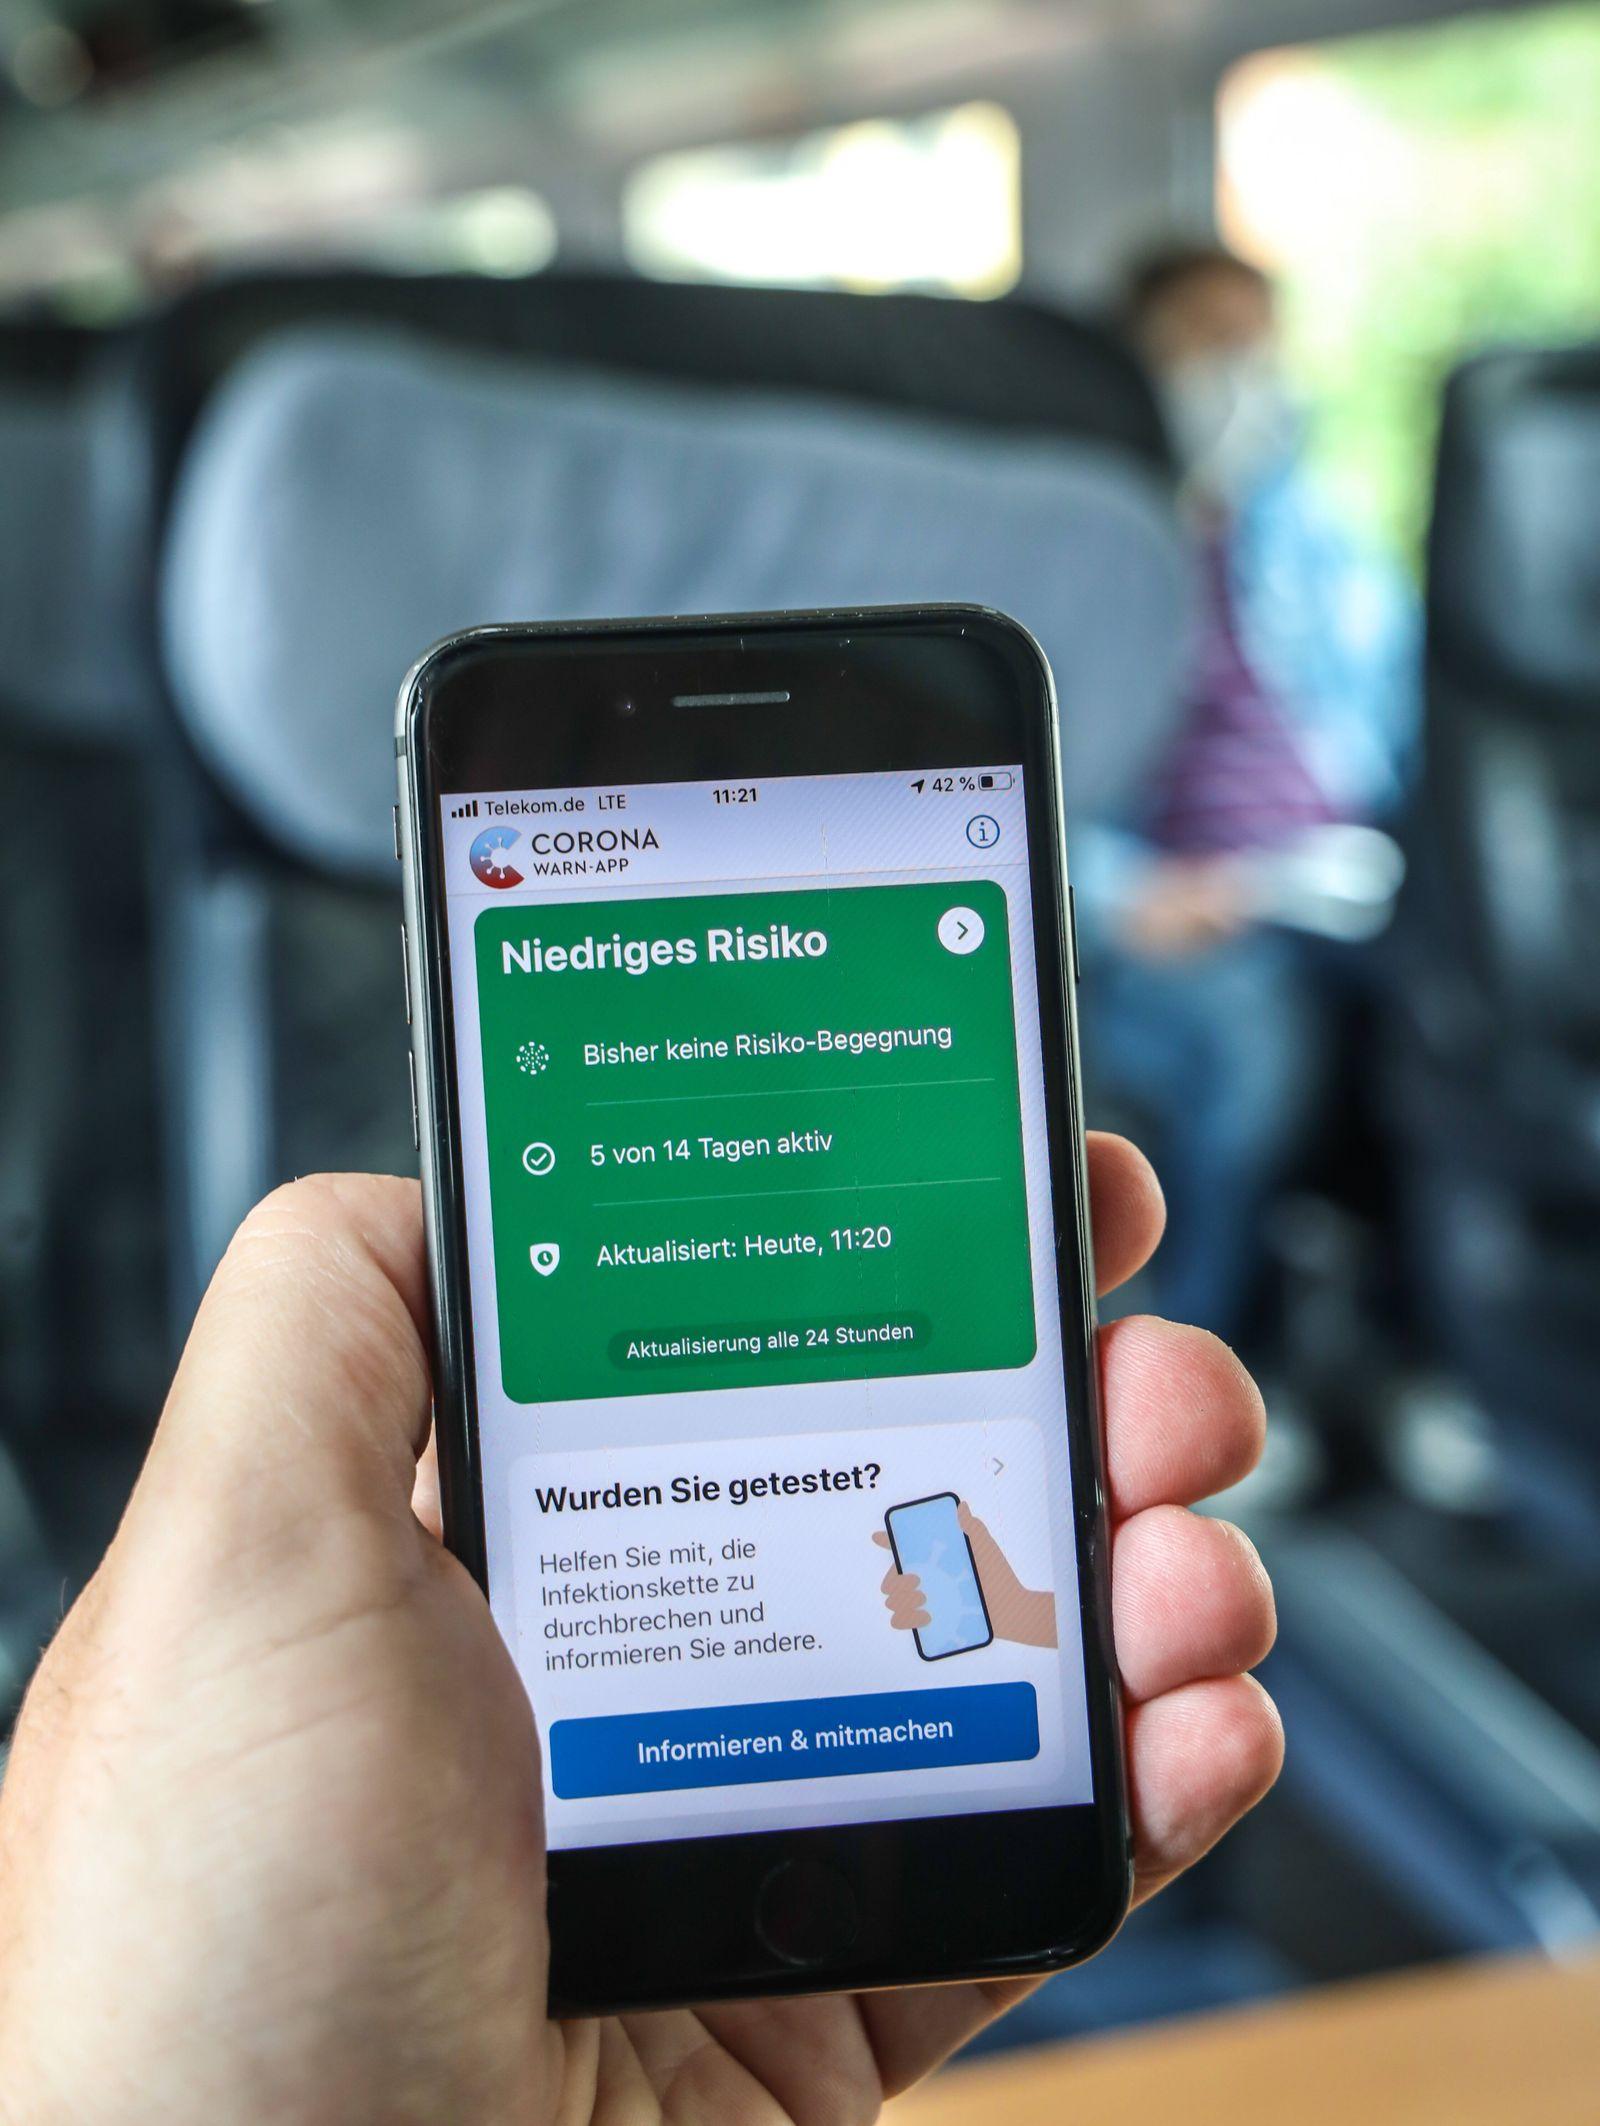 DEU, Deutschland, Berlin, 20.06.2020: Unterwegs mit der S-Bahn - dabei Nutzung der Corona-Warn-App auf einem Smartphone